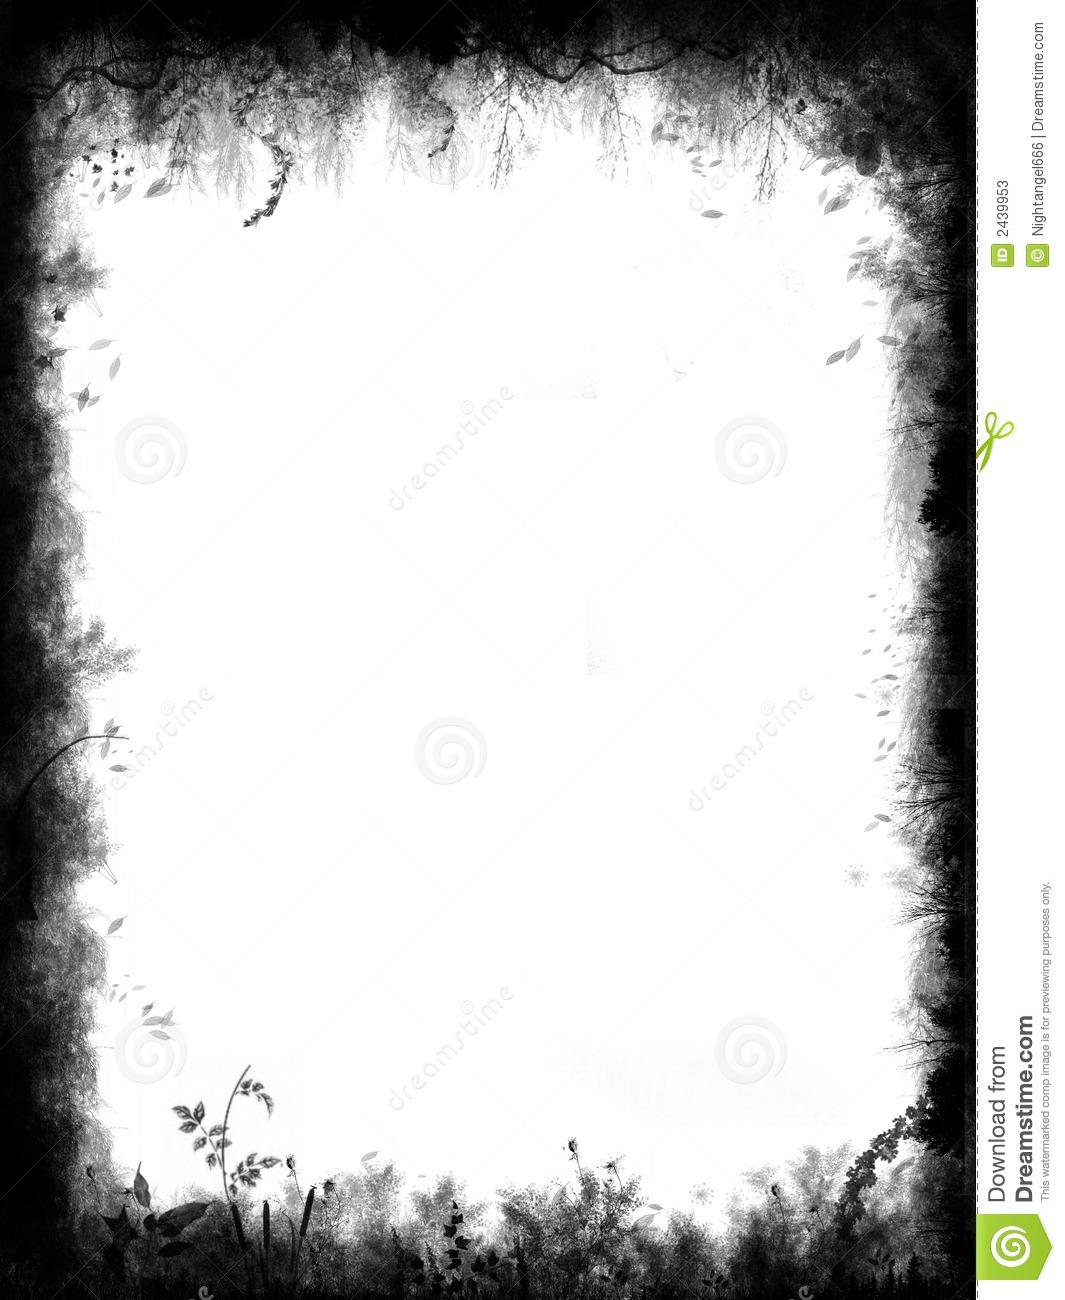 Großzügig Photoshop Picture Frames Fotos - Benutzerdefinierte ...